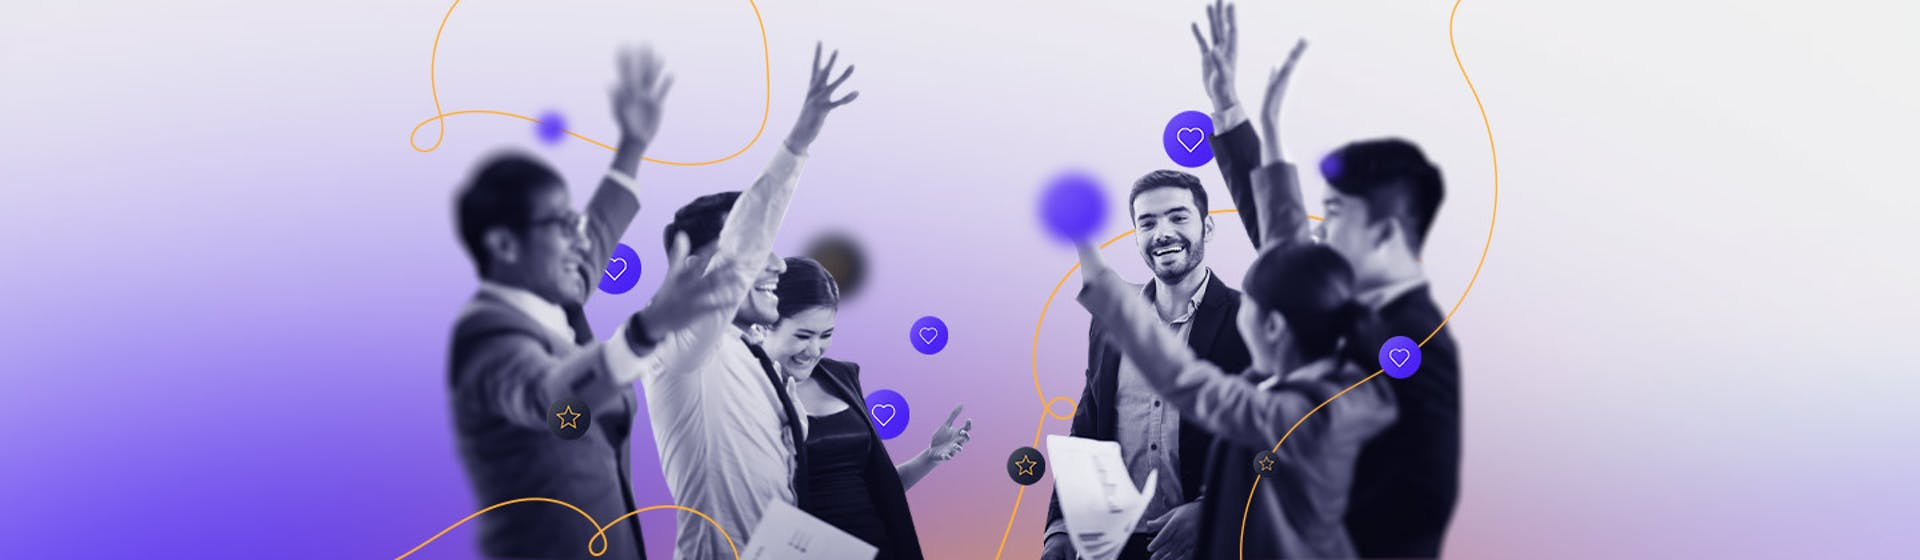 Construye una propuesta de valor para empleados más humana